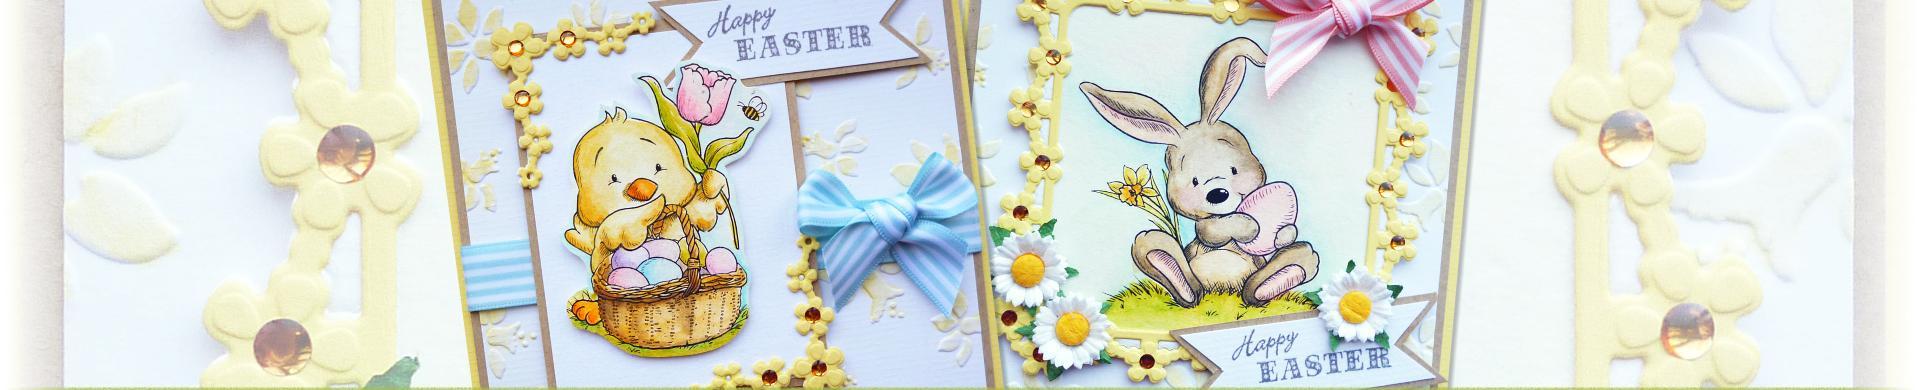 Easter Digital Stamps